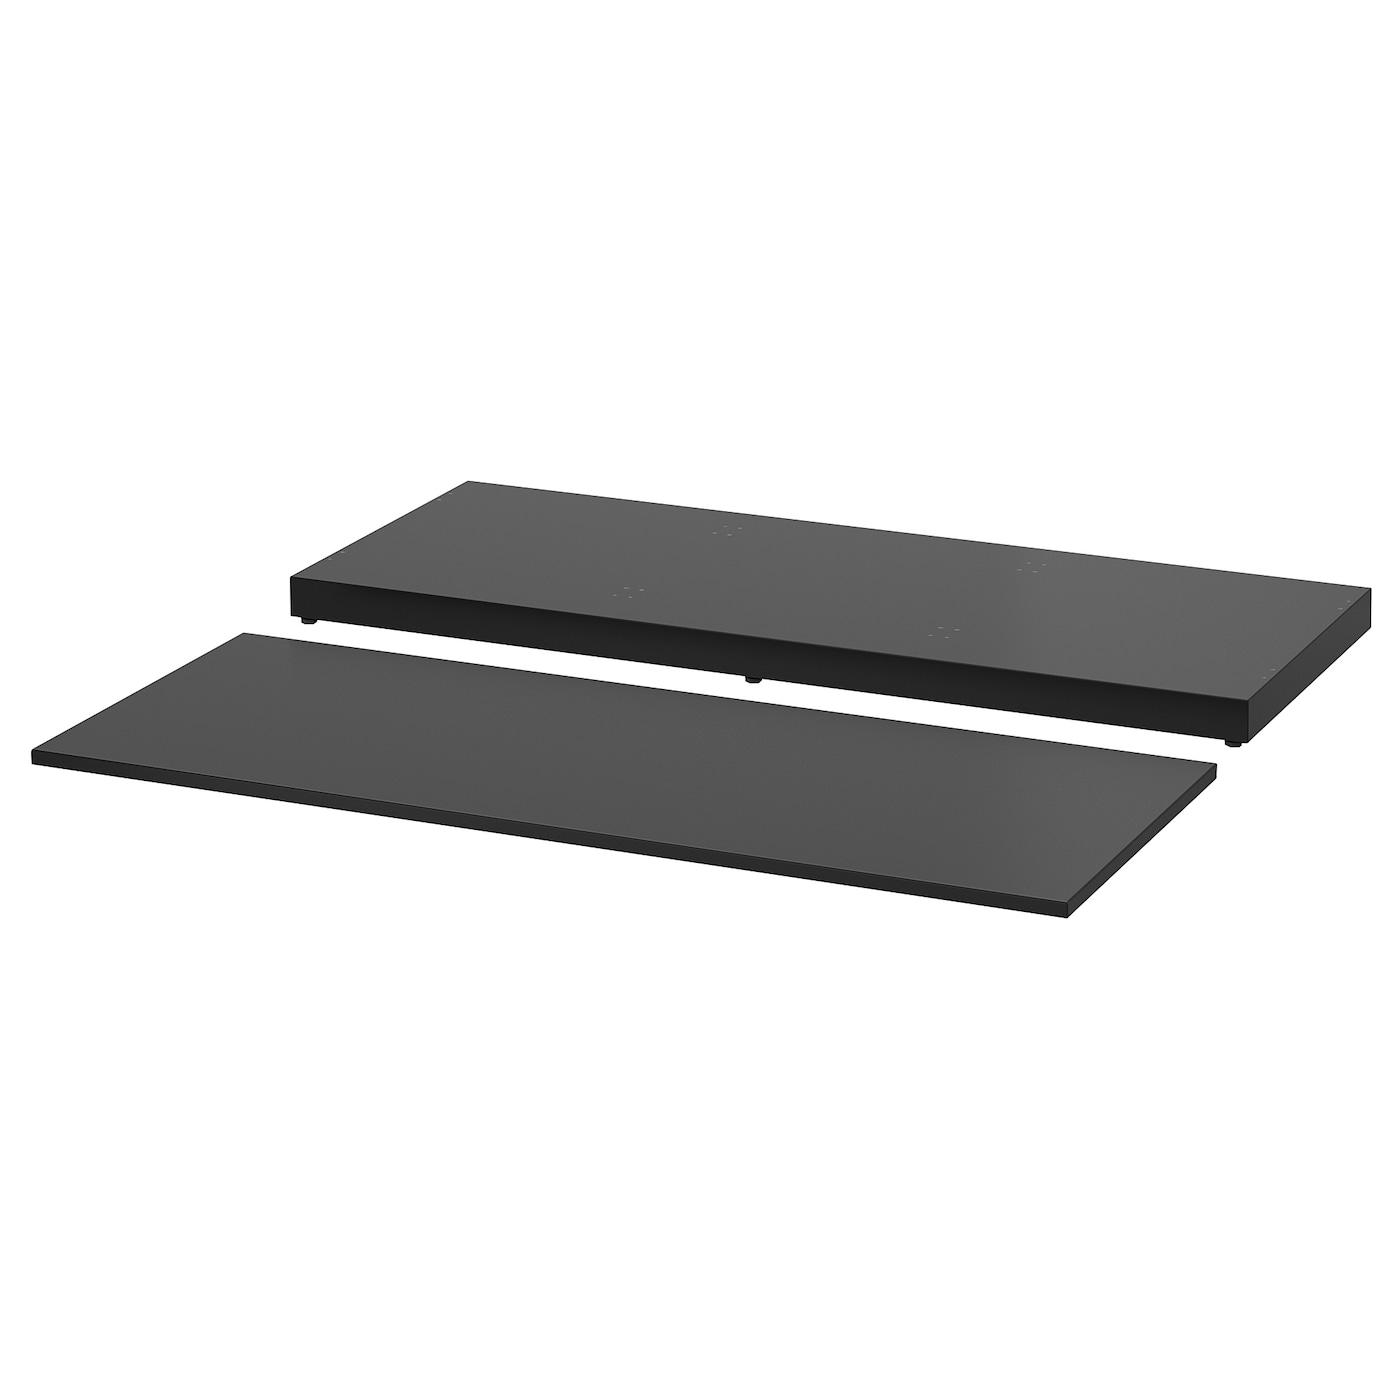 NORDLI, Deckplatte und Sockel, anthrazit 803.659.96